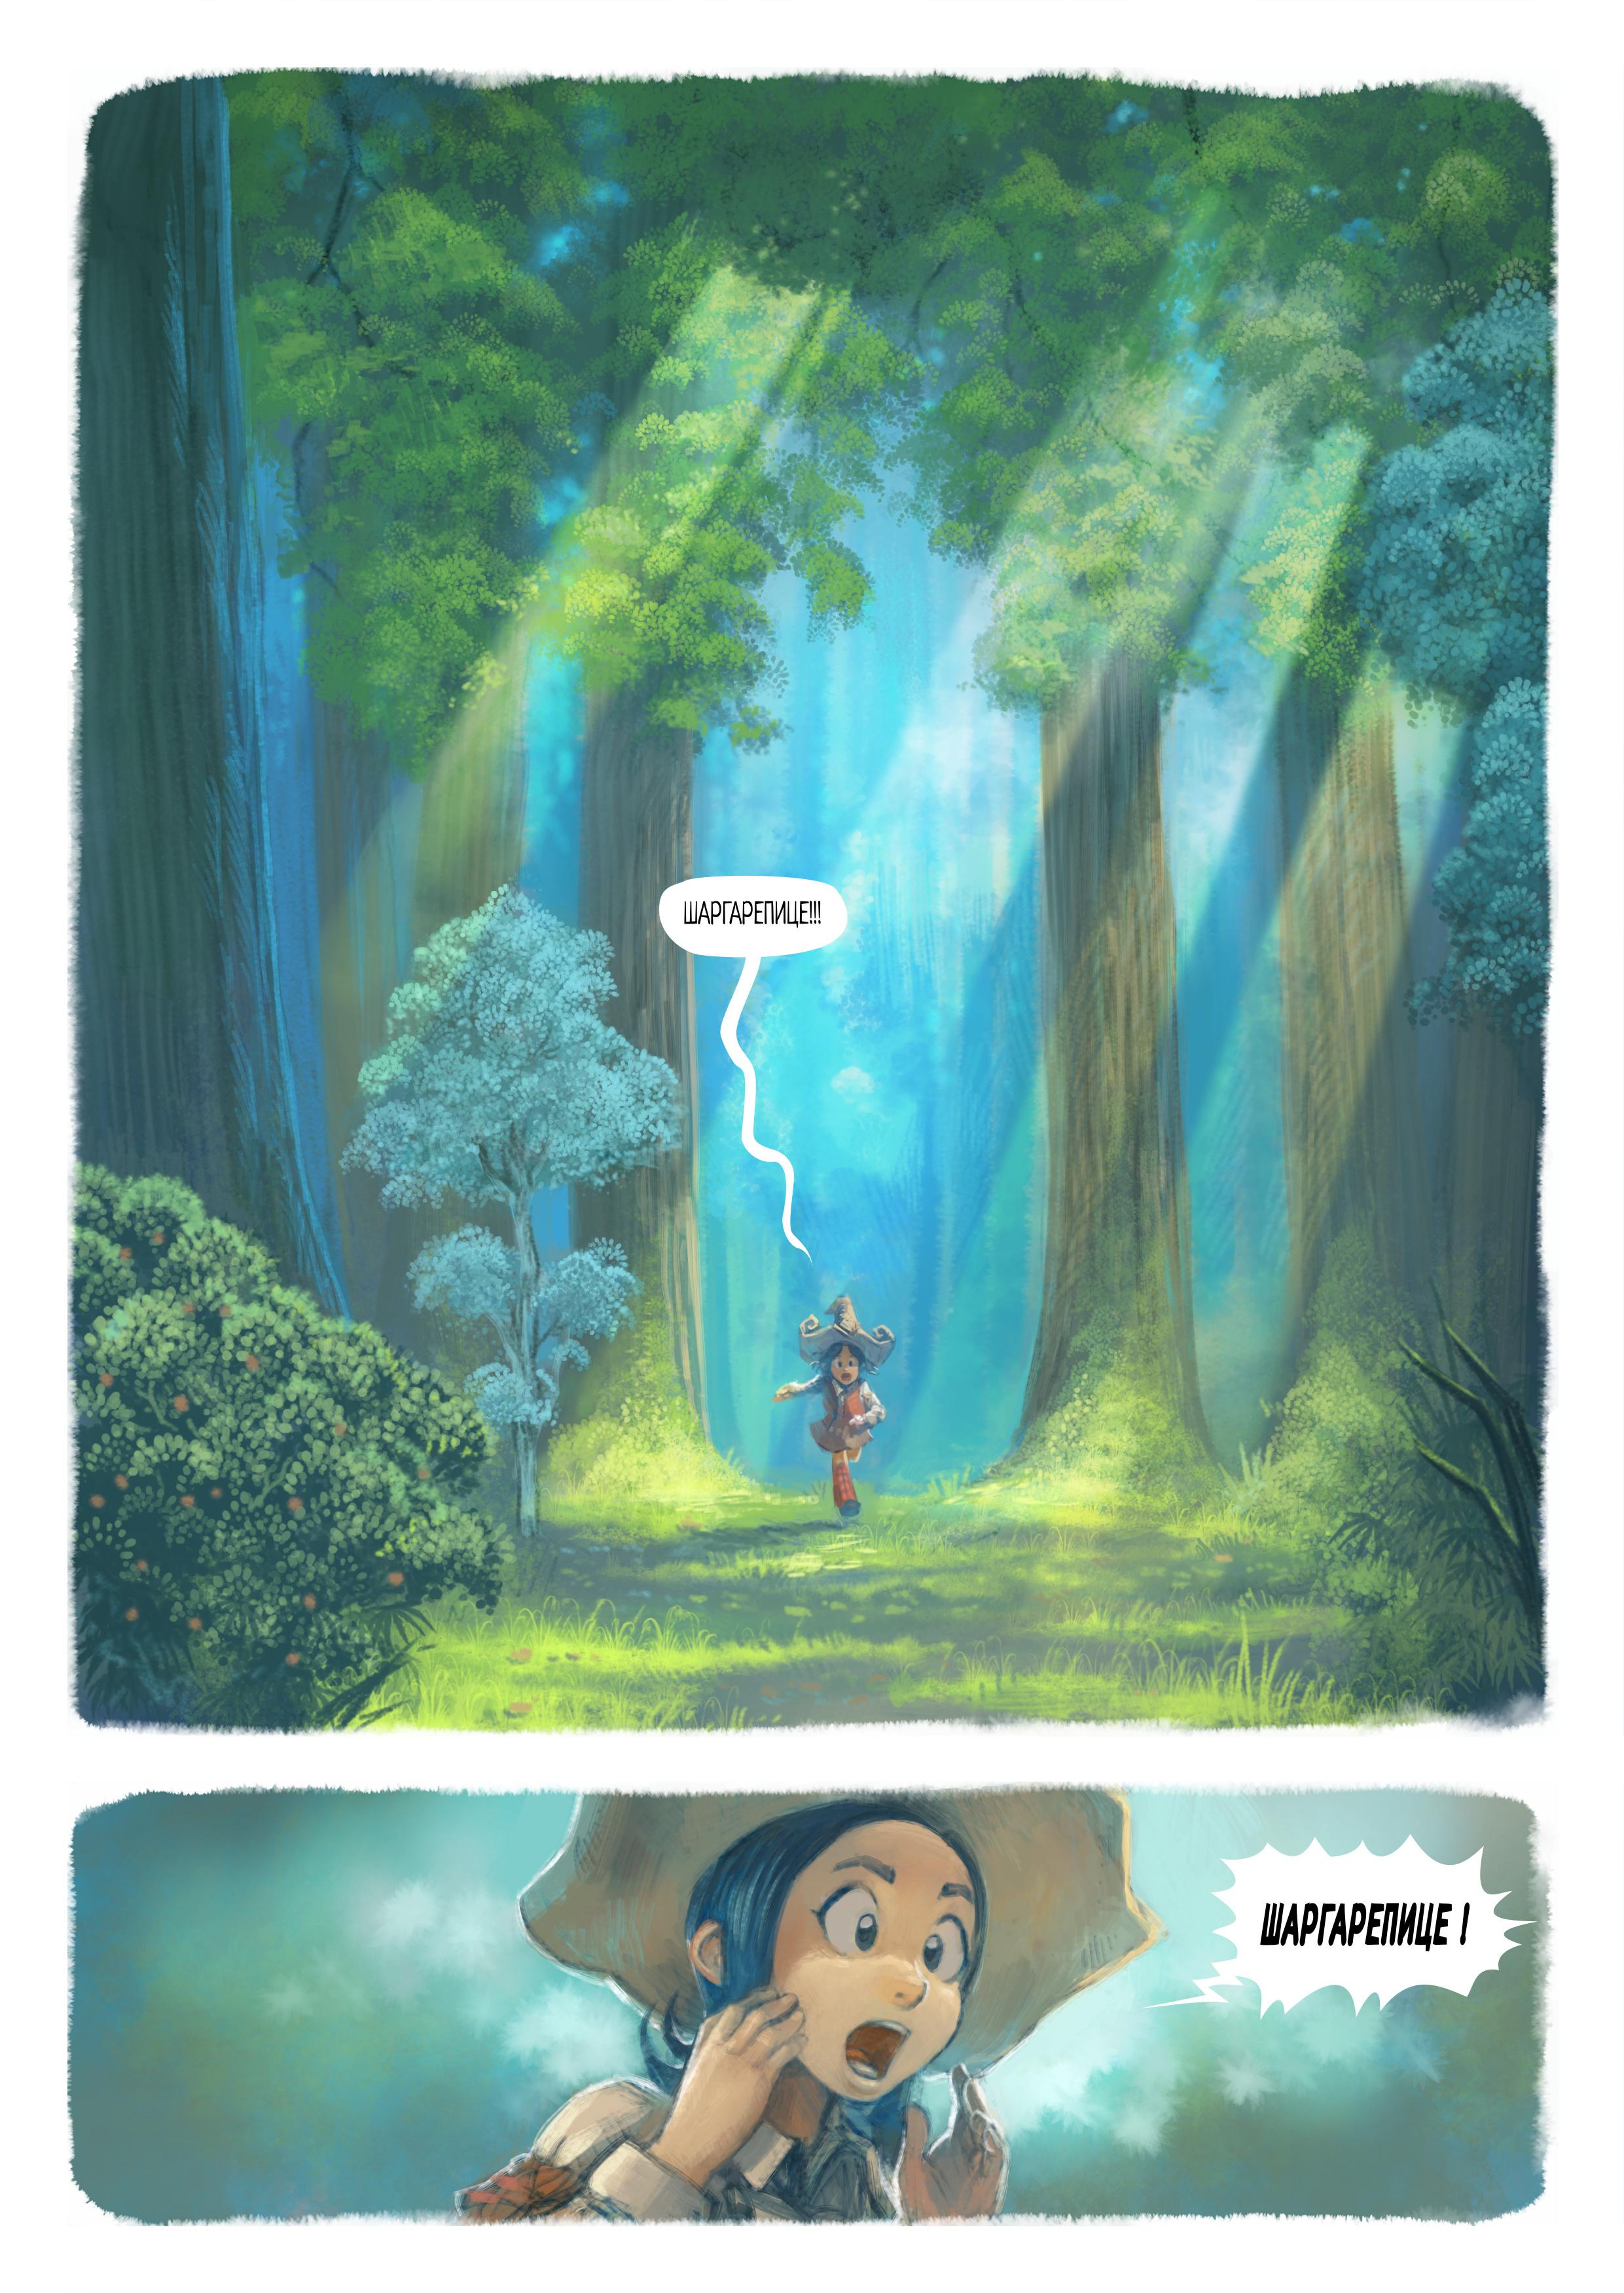 Епизода 7: Жеља, Page 1